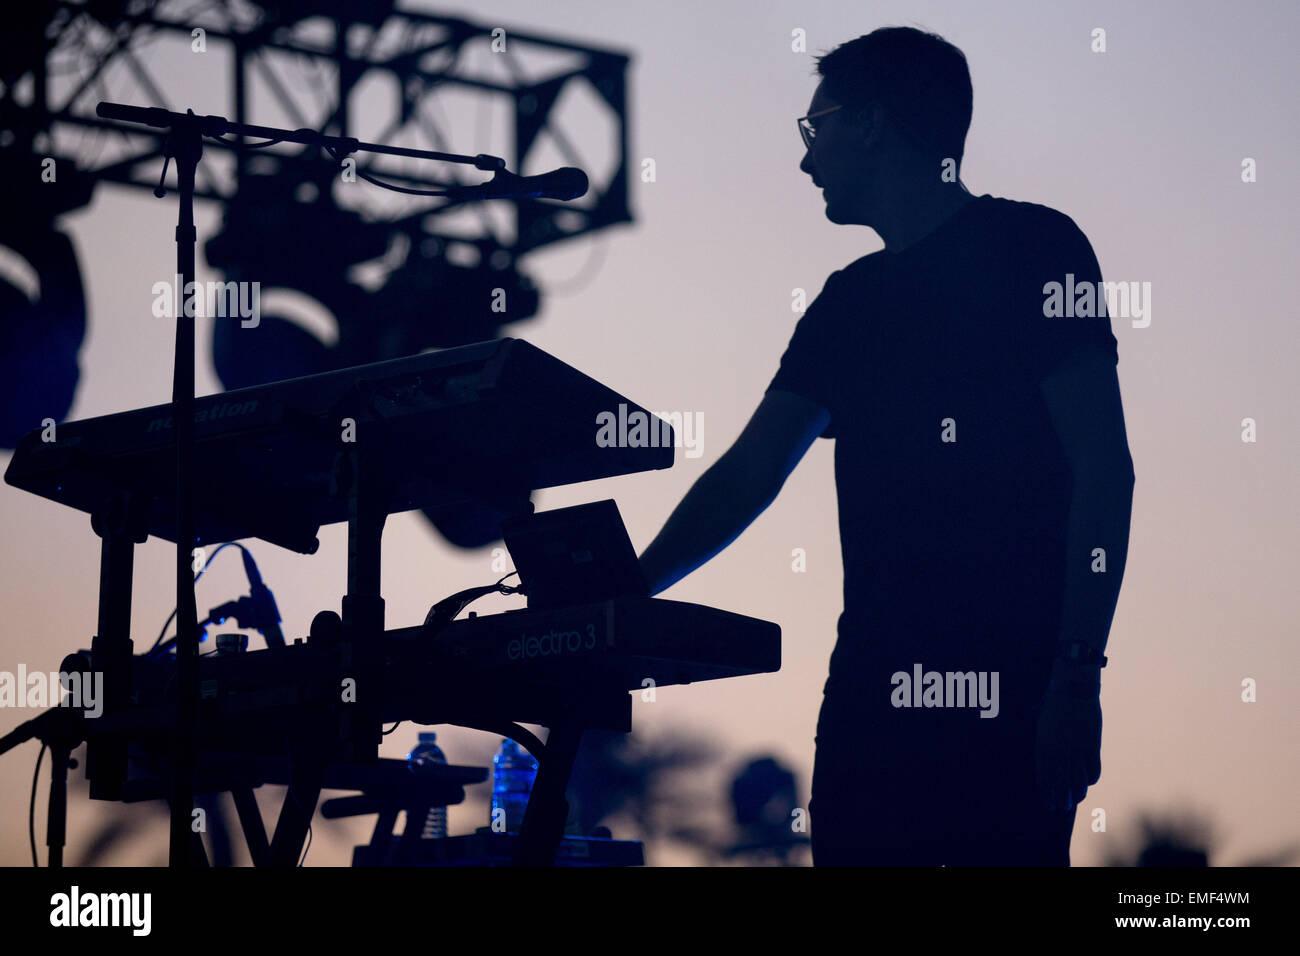 Indio, Kalifornien, USA. 18. April 2015. Musiker GUS UNGER-HAMILTON von Alt-J tritt während der drei Tage des Stockbild